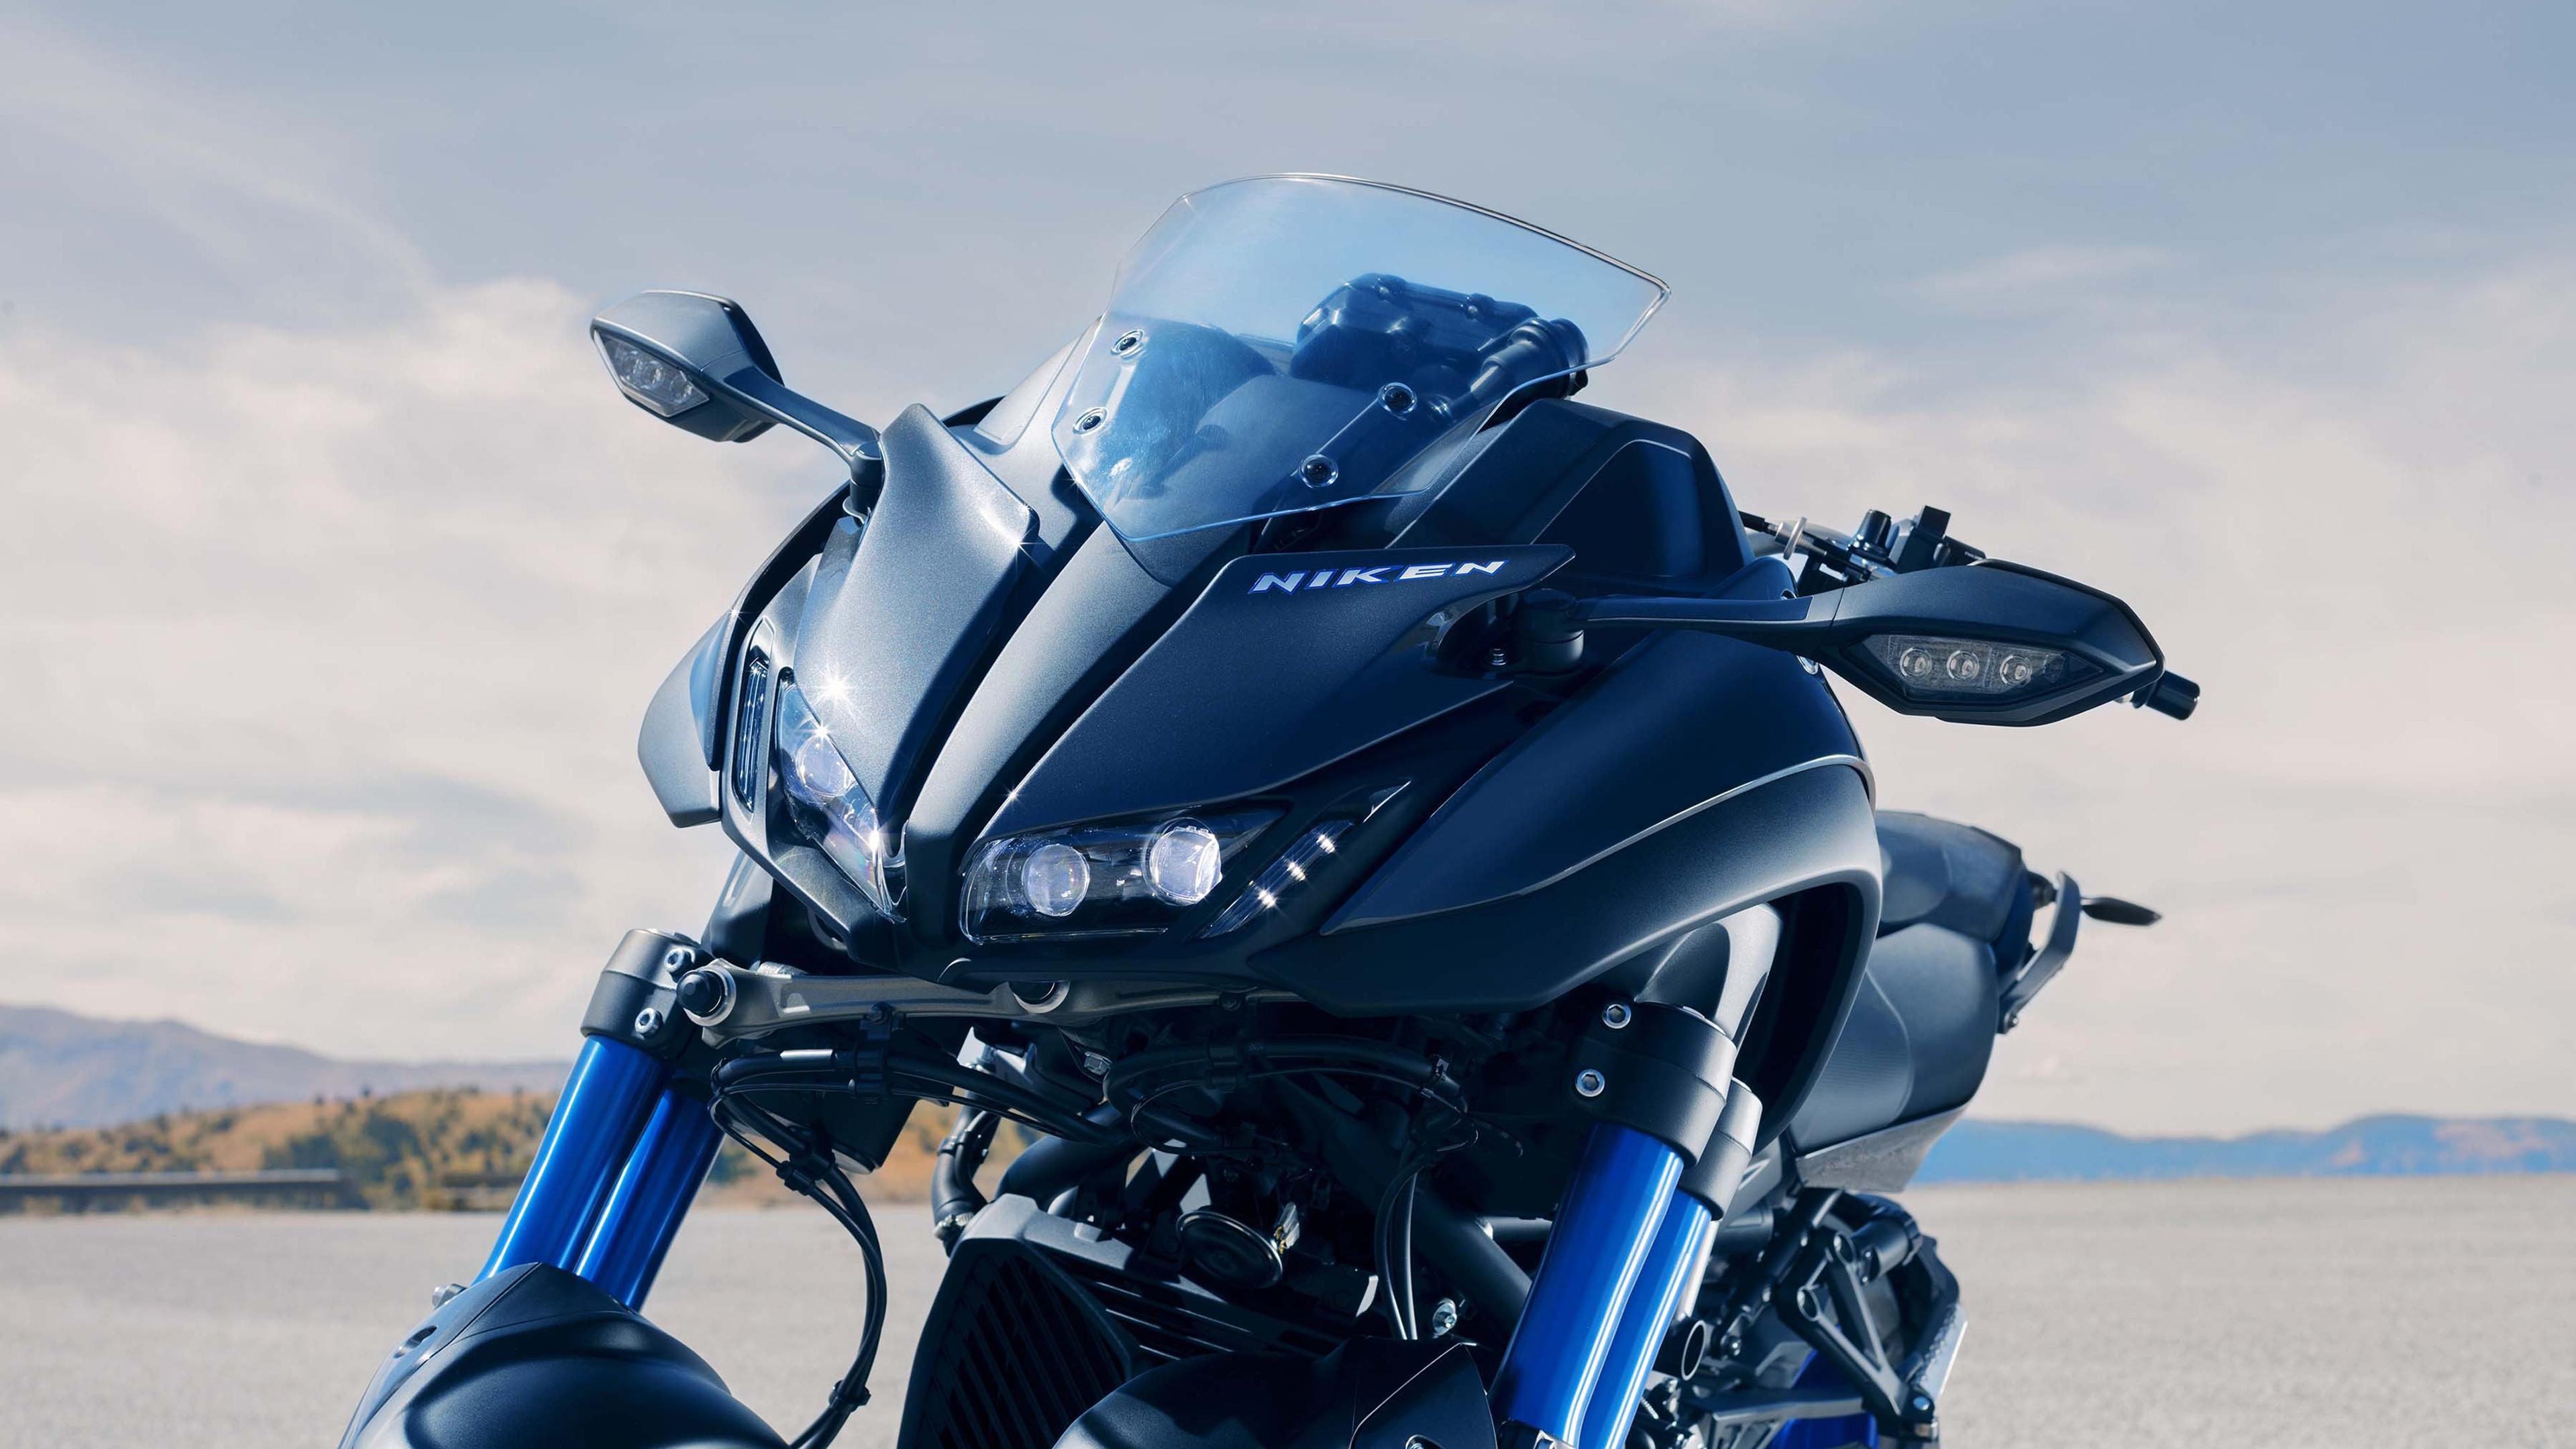 Download 3840x2400 Wallpaper 2019 Yamaha Niken Bike 4k